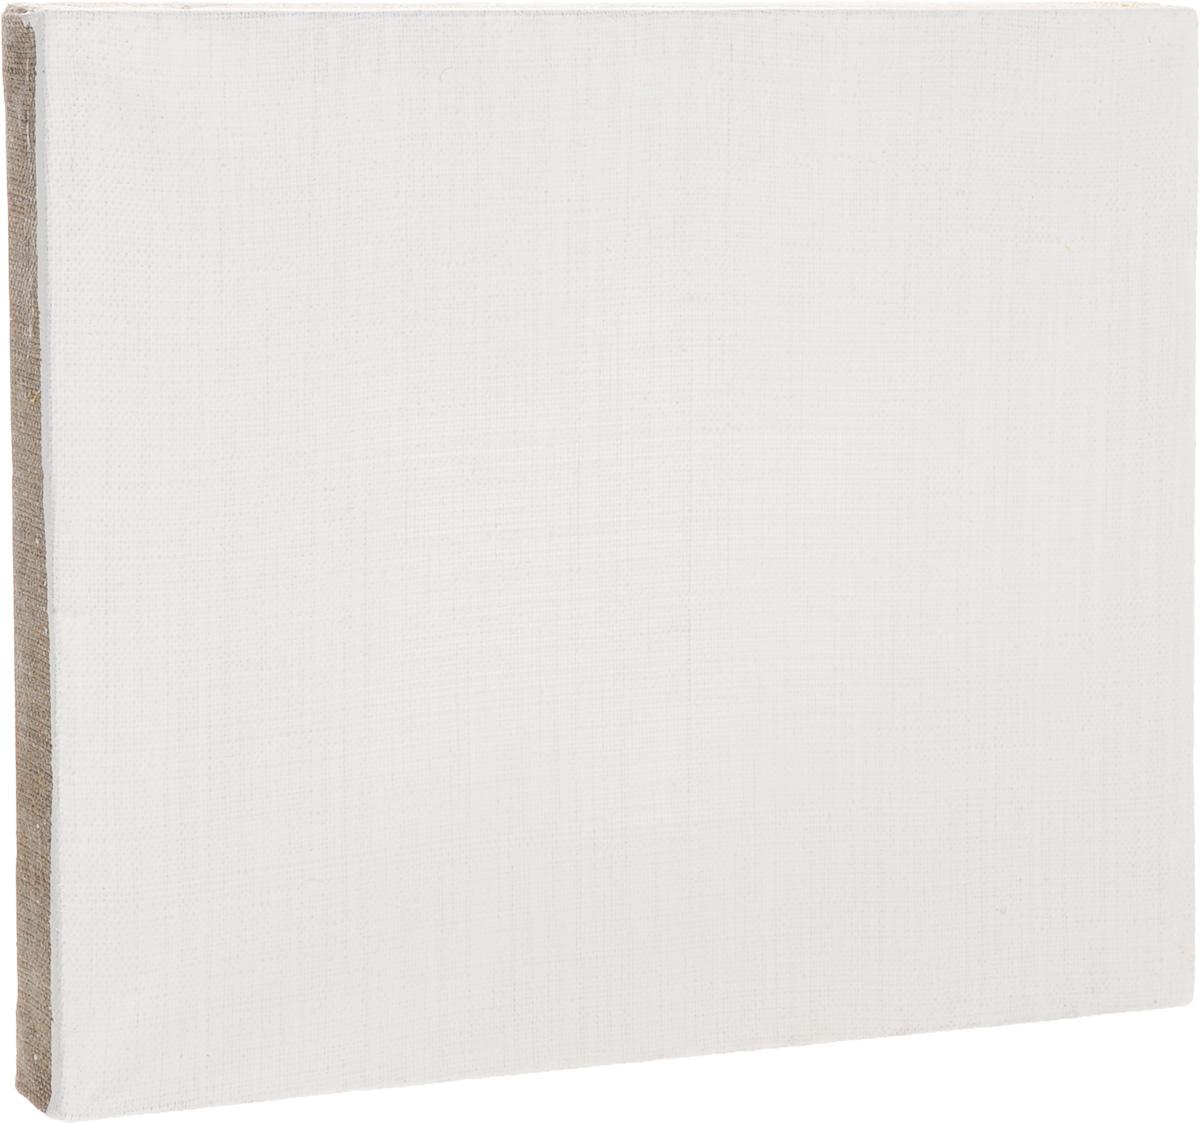 Холст ArtQuaDram Мелкозернистый на подрамнике, грунтованный, 20 х 25 смТ0003988Холст на деревянном подрамнике ArtQuaDram Мелкозернистый изготовлен из 100% натурального льна. Подходит для профессионалов и художников. Холст не трескается, не впитывает слишком много краски, цвет краски и качество не изменяются. Холст идеально подходит для масляной и акриловой живописи.